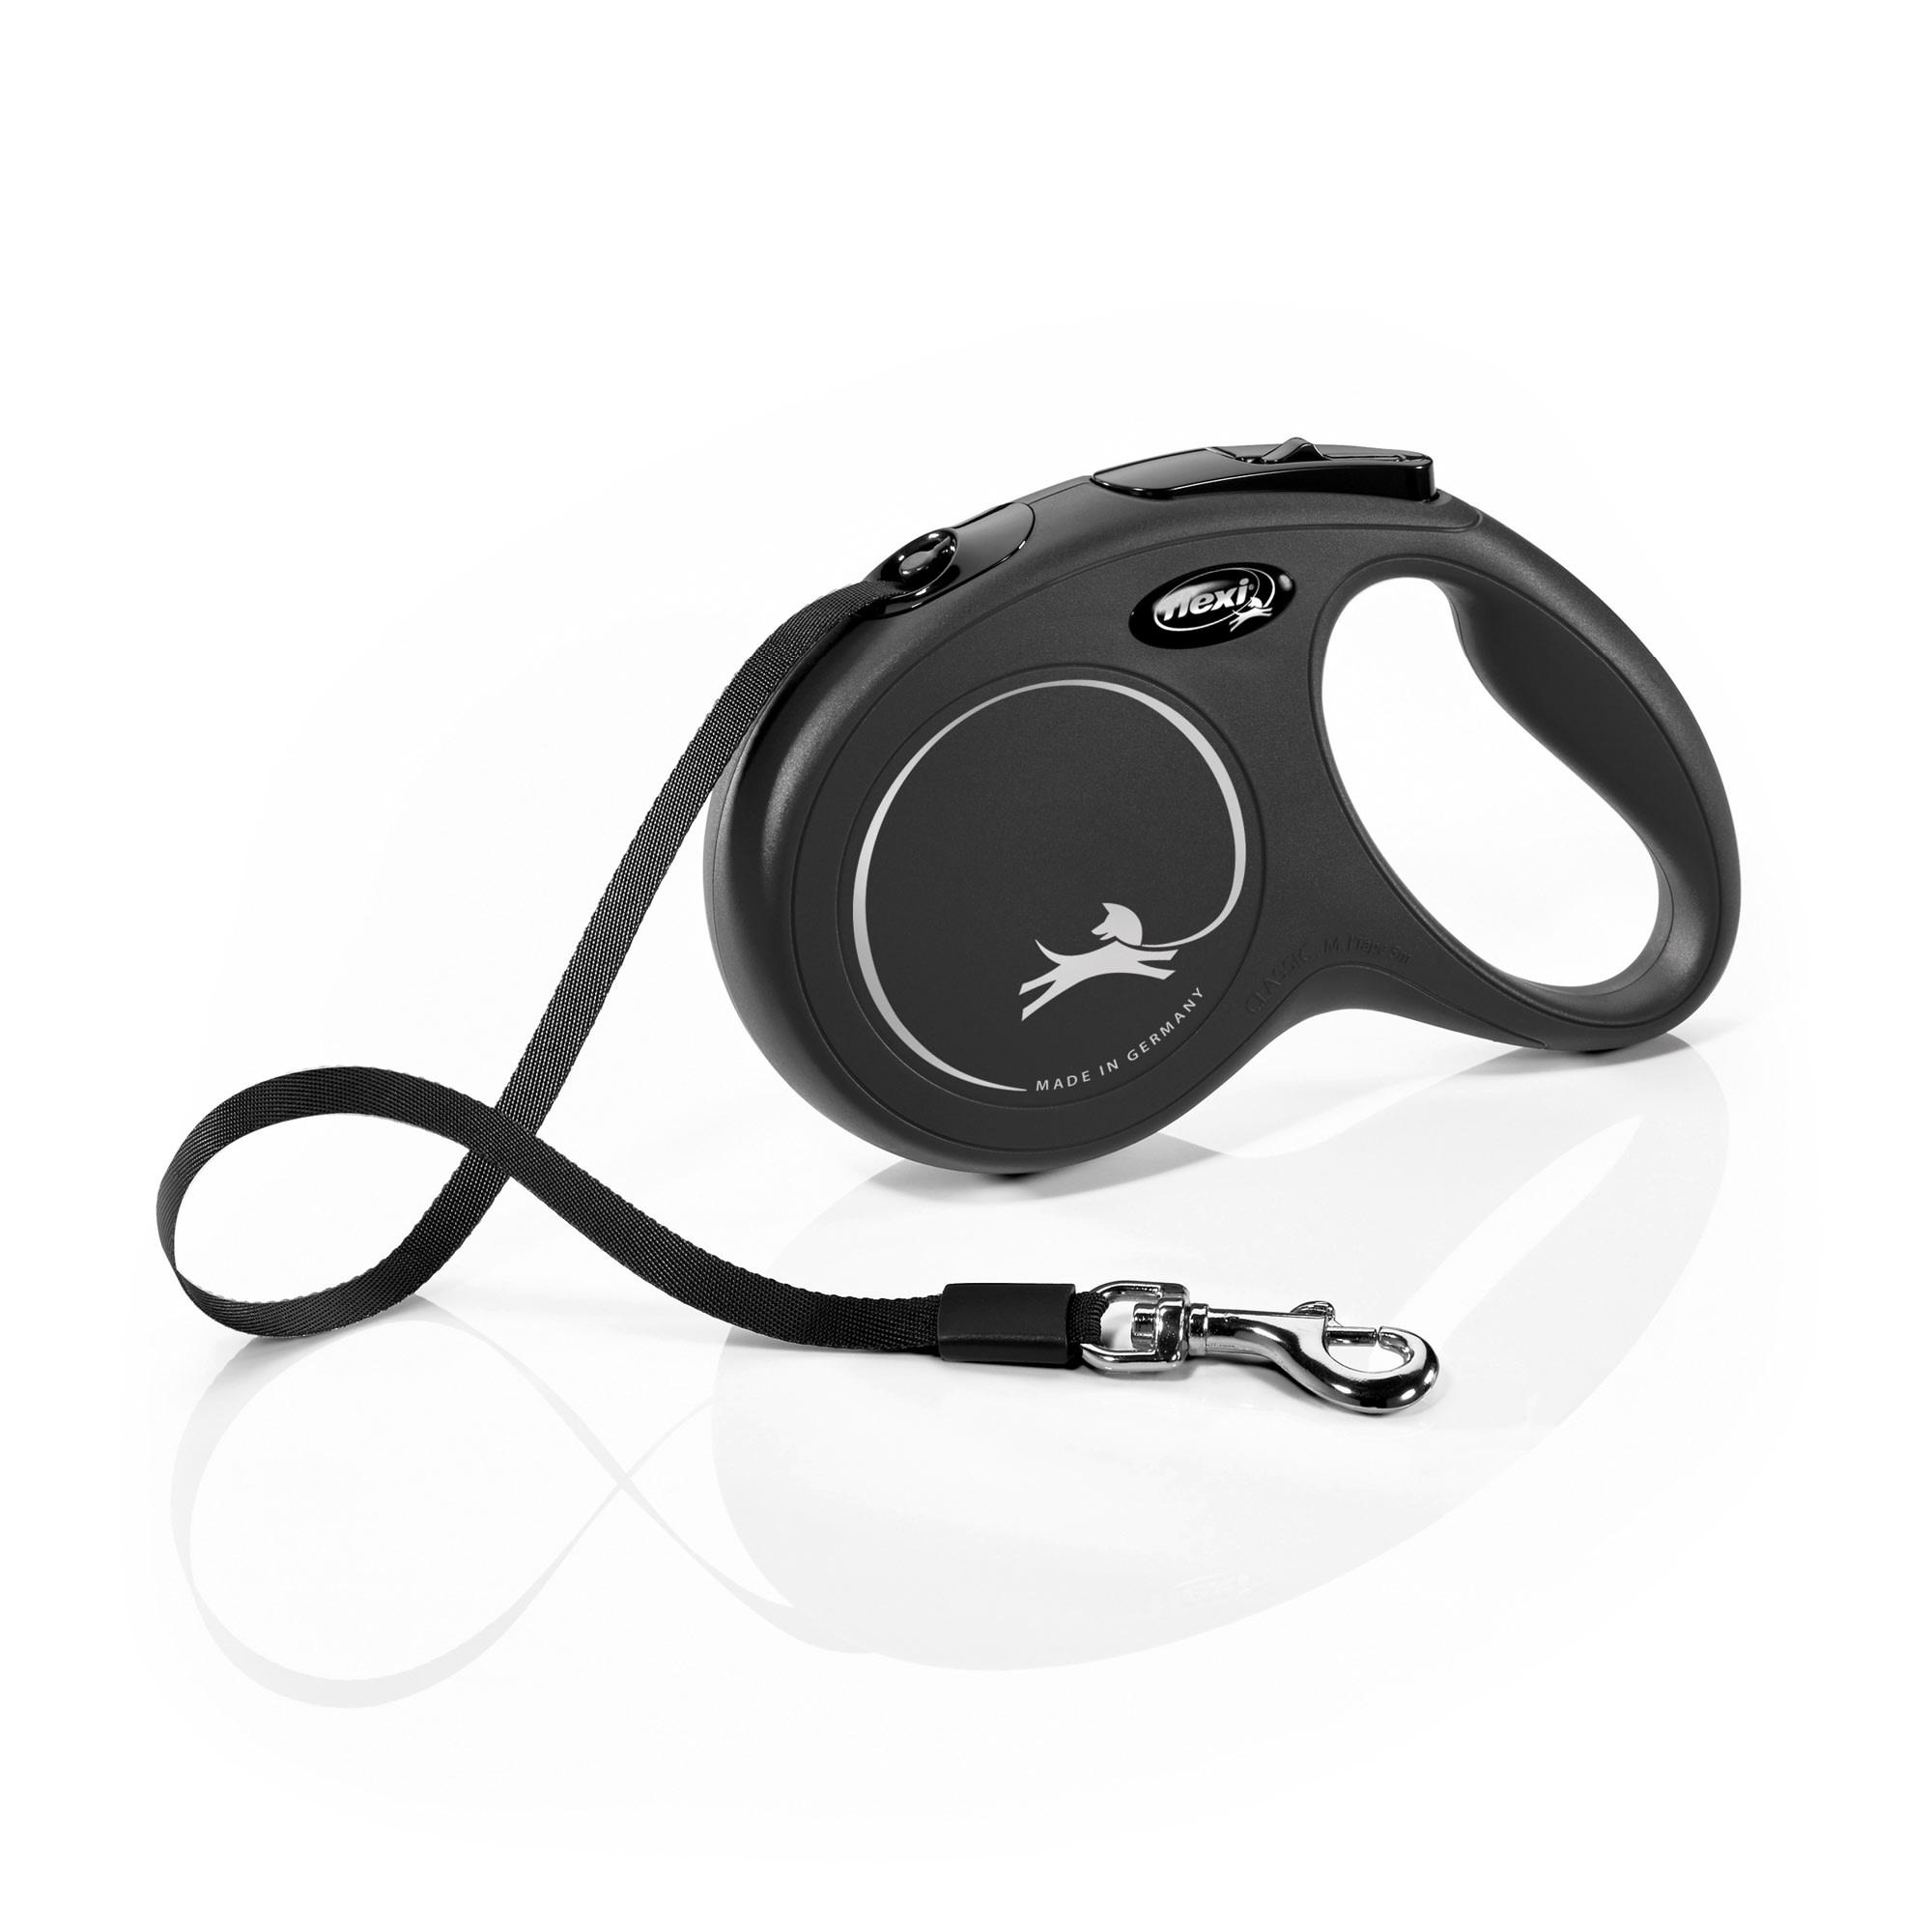 Flexi Classic Retractable Dog Leash in Black, Medium 16' | Petco